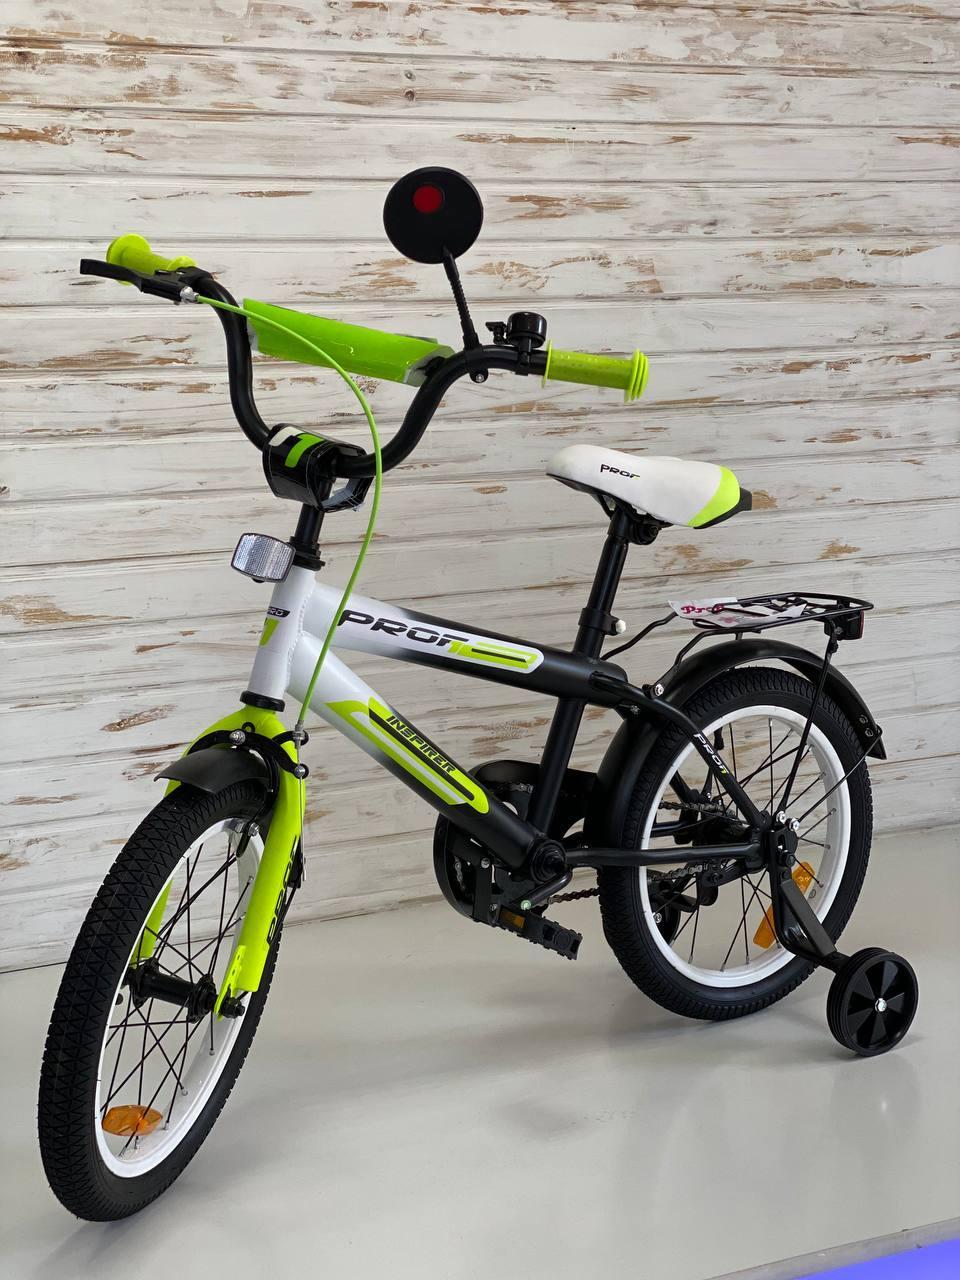 Велосипед Profi Inspirer 16 дюймів, Чорно-біло-салатовий, SY1654